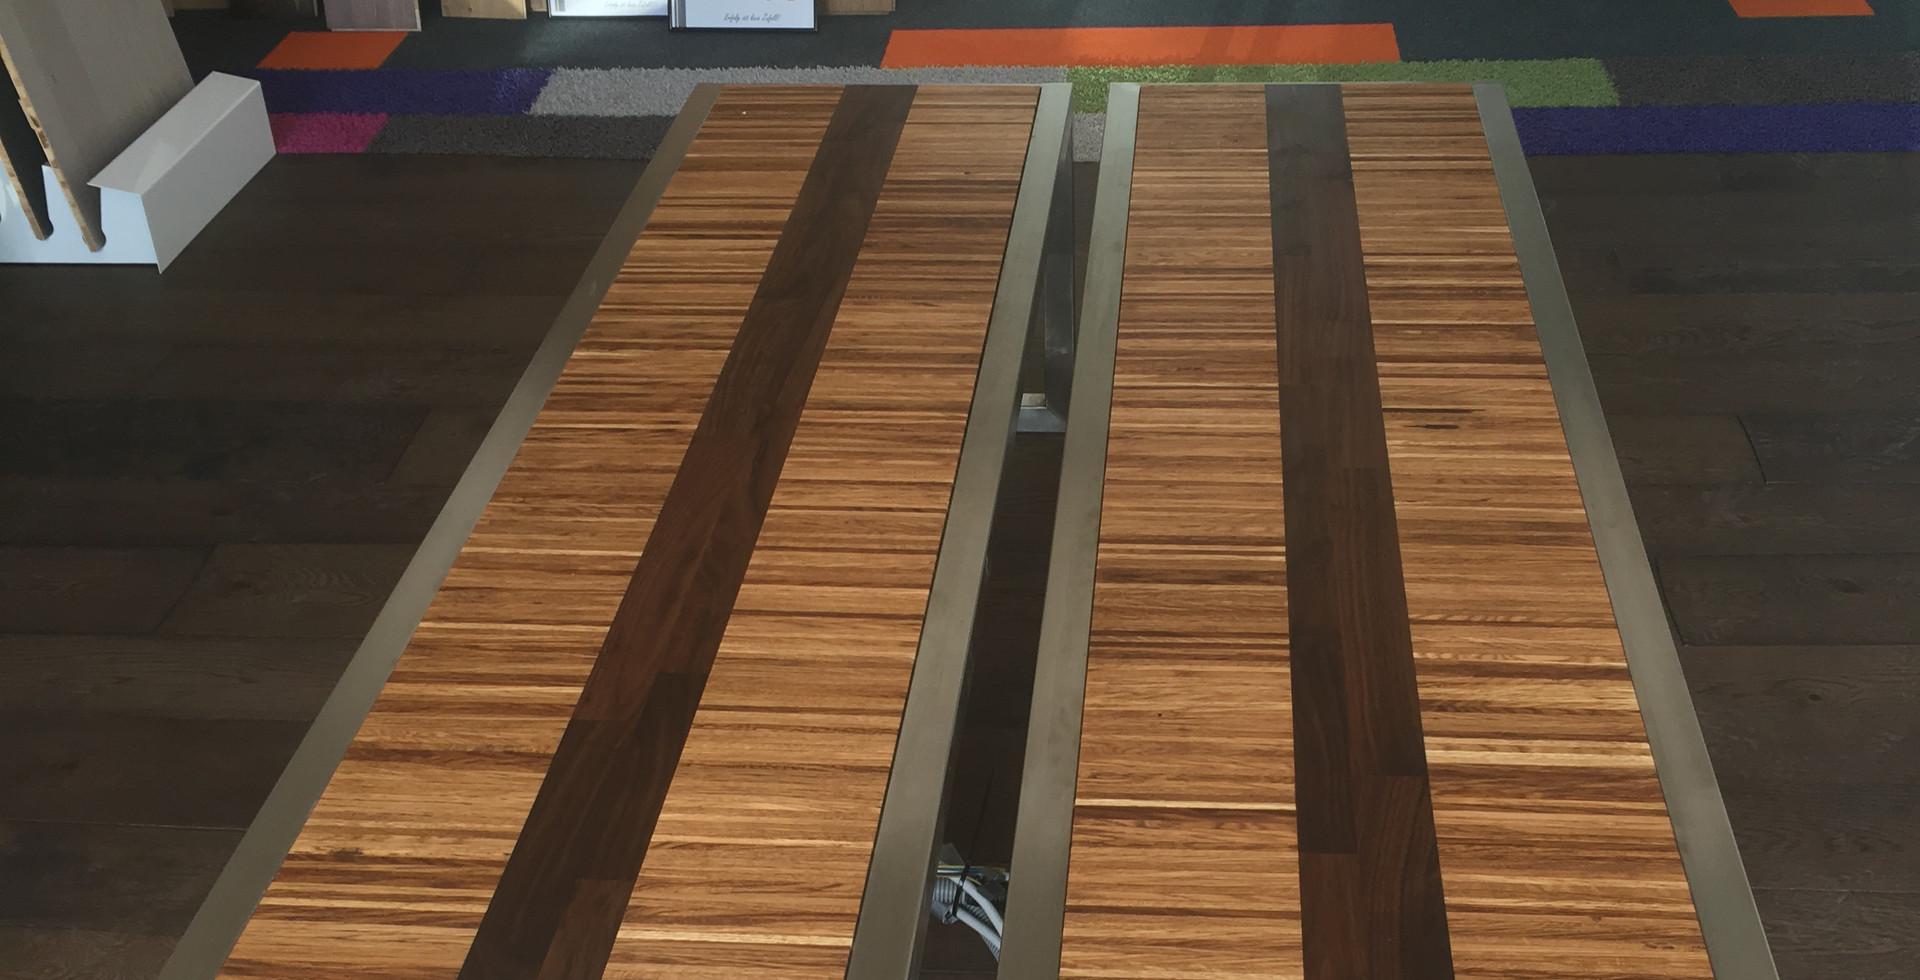 Stäbchenparkett mal anders, veredelt mit einem Streifen aus Nussbaum